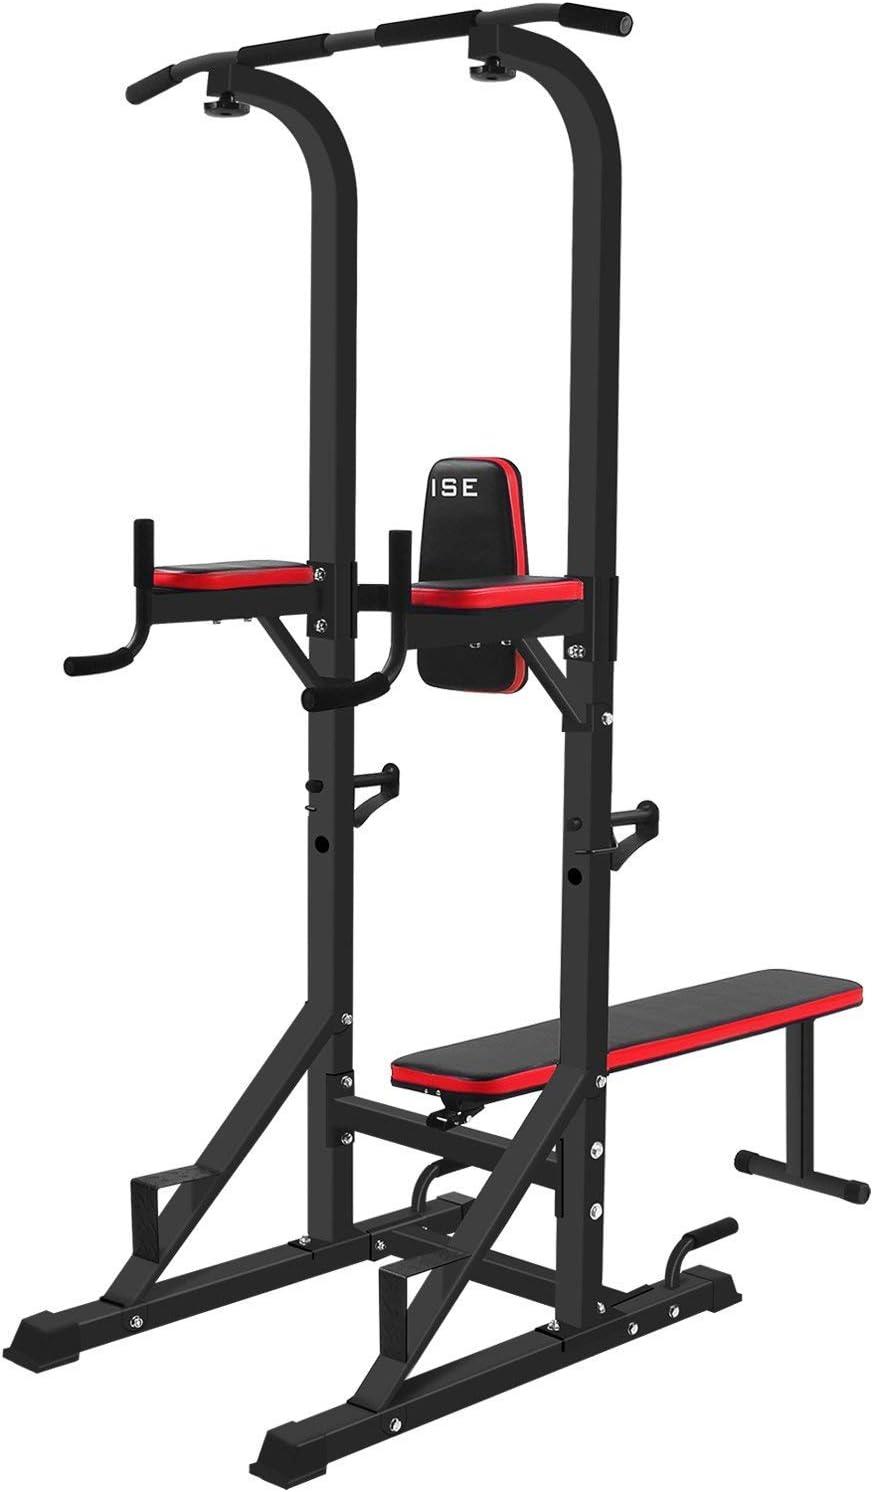 ISE Chaise Romaine Multifonction Barre de Traction Station avec Banc de Musculation pour Dips, Pompes, Développé-Couchés, SY-4006